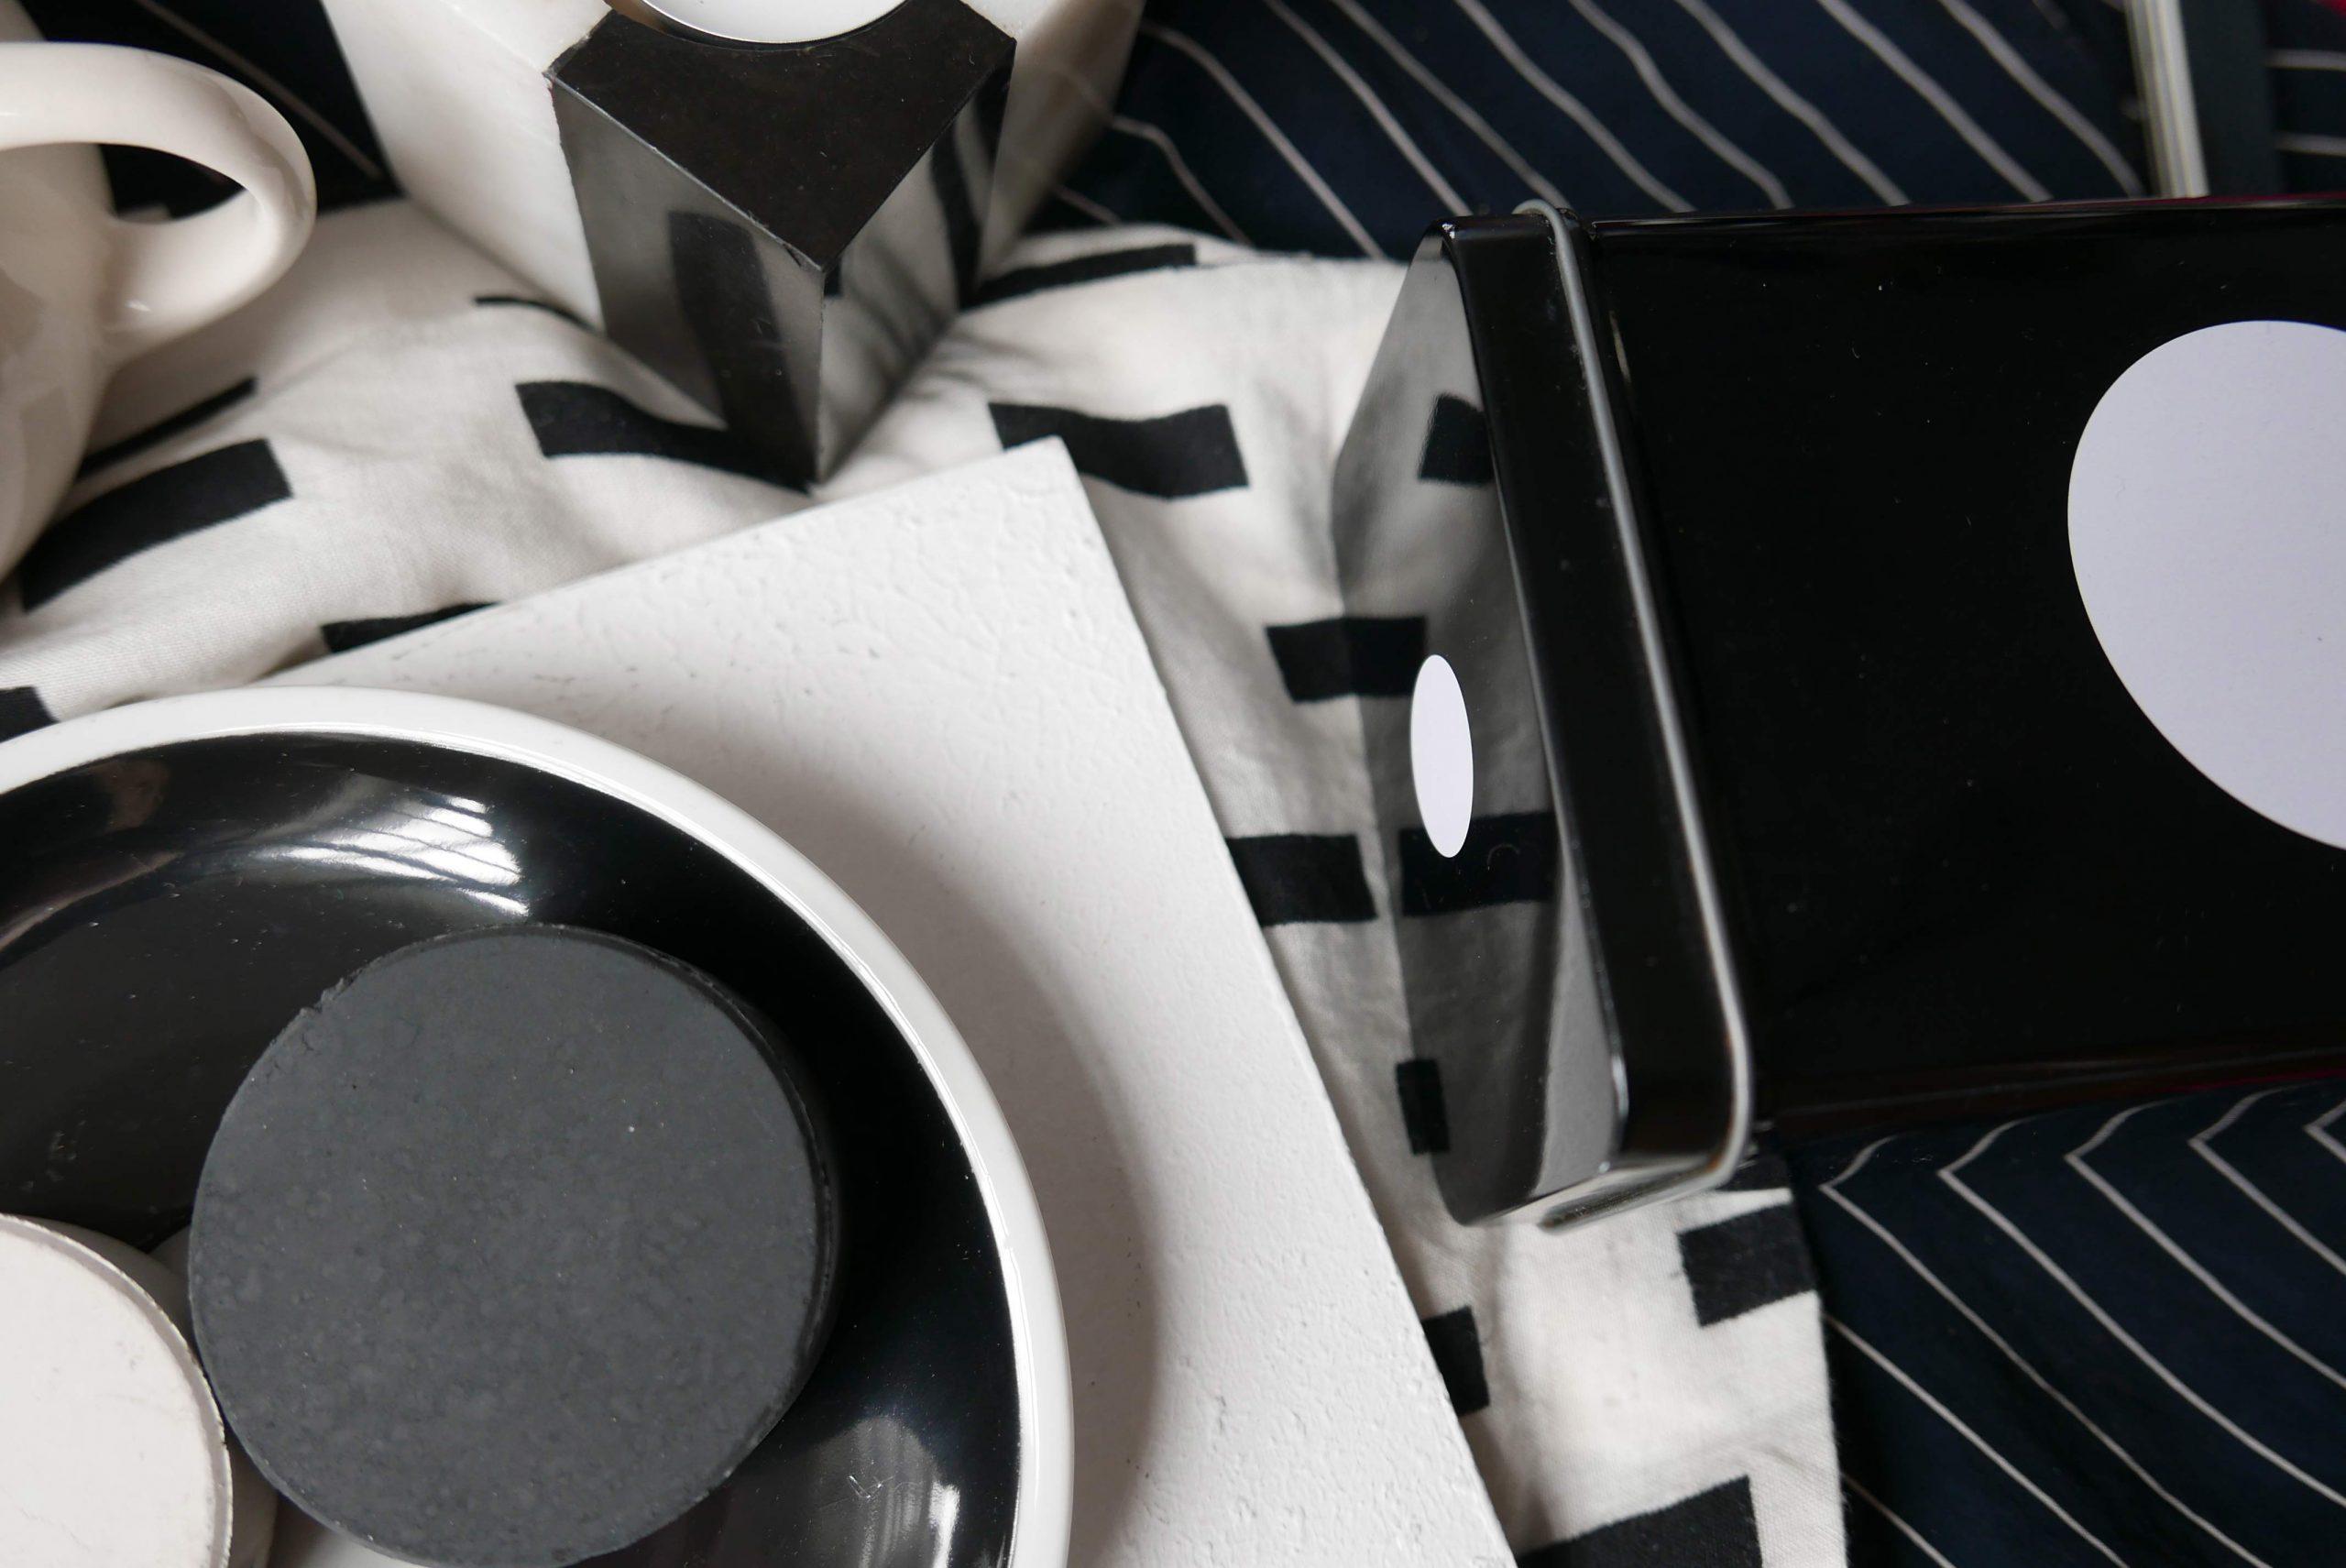 Schwarze und Weisse Gegenstände Stillleben Spiegelungen